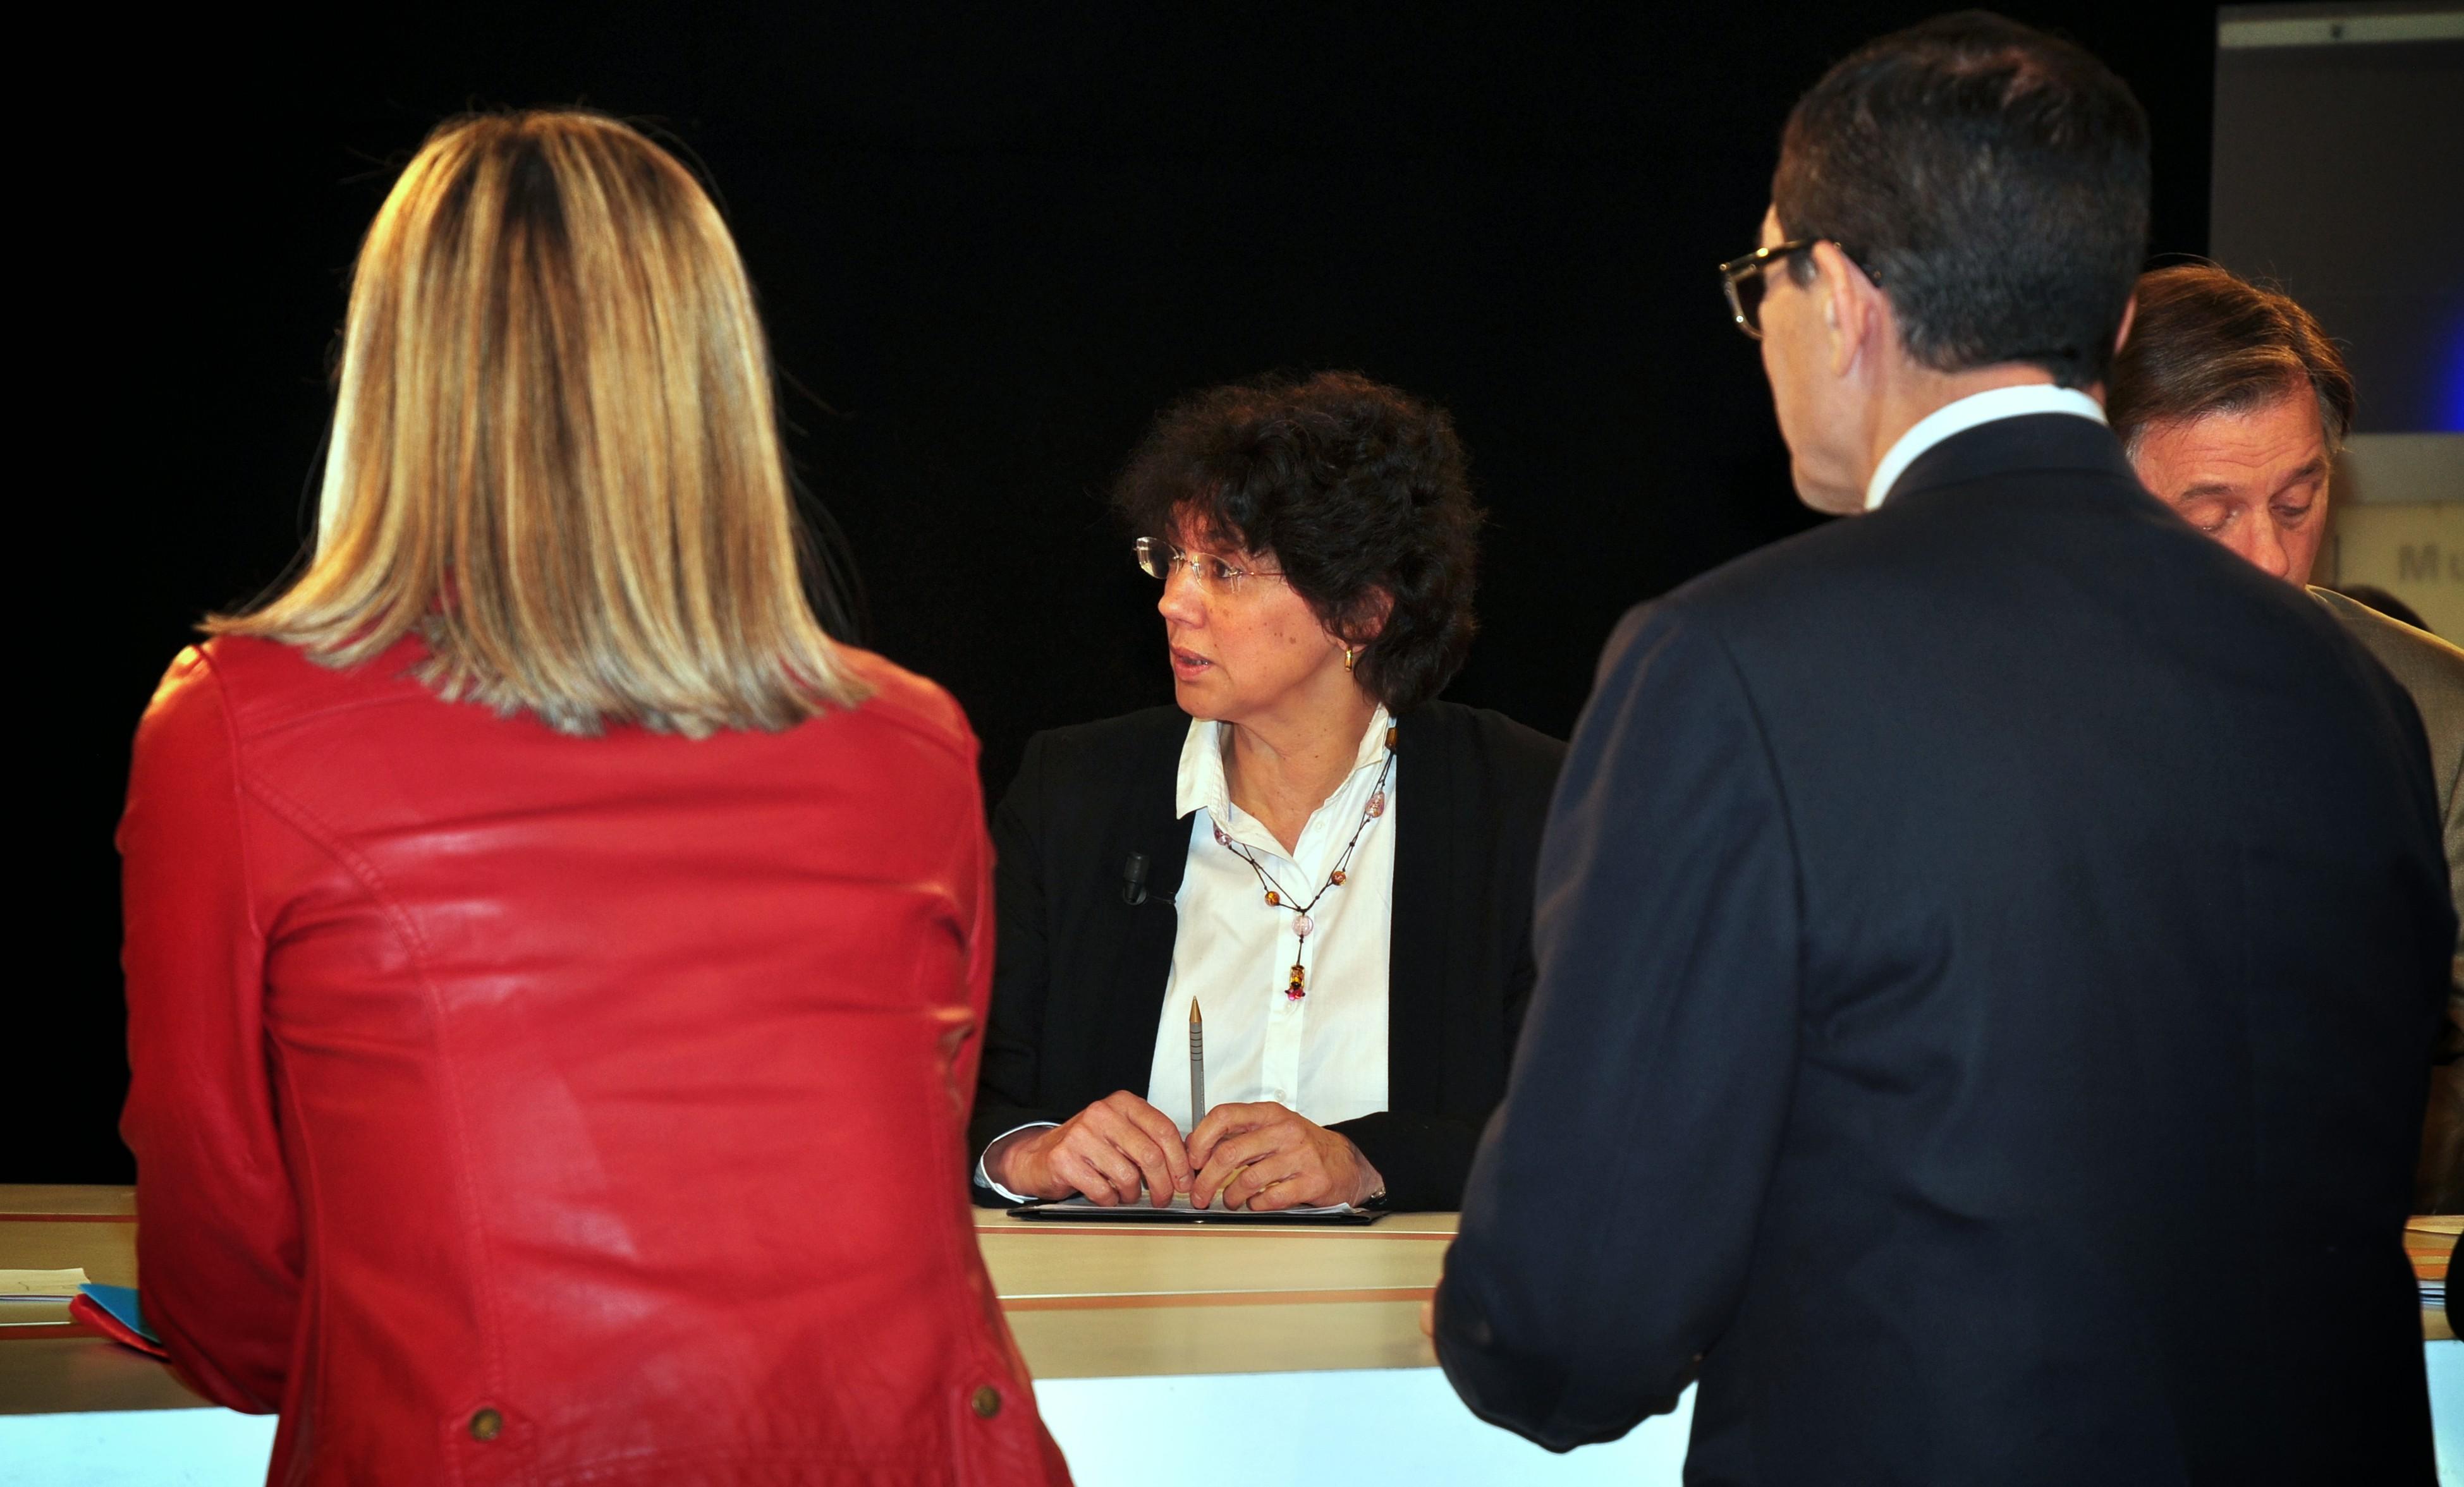 Monique Cosson face répond aux questions en détail